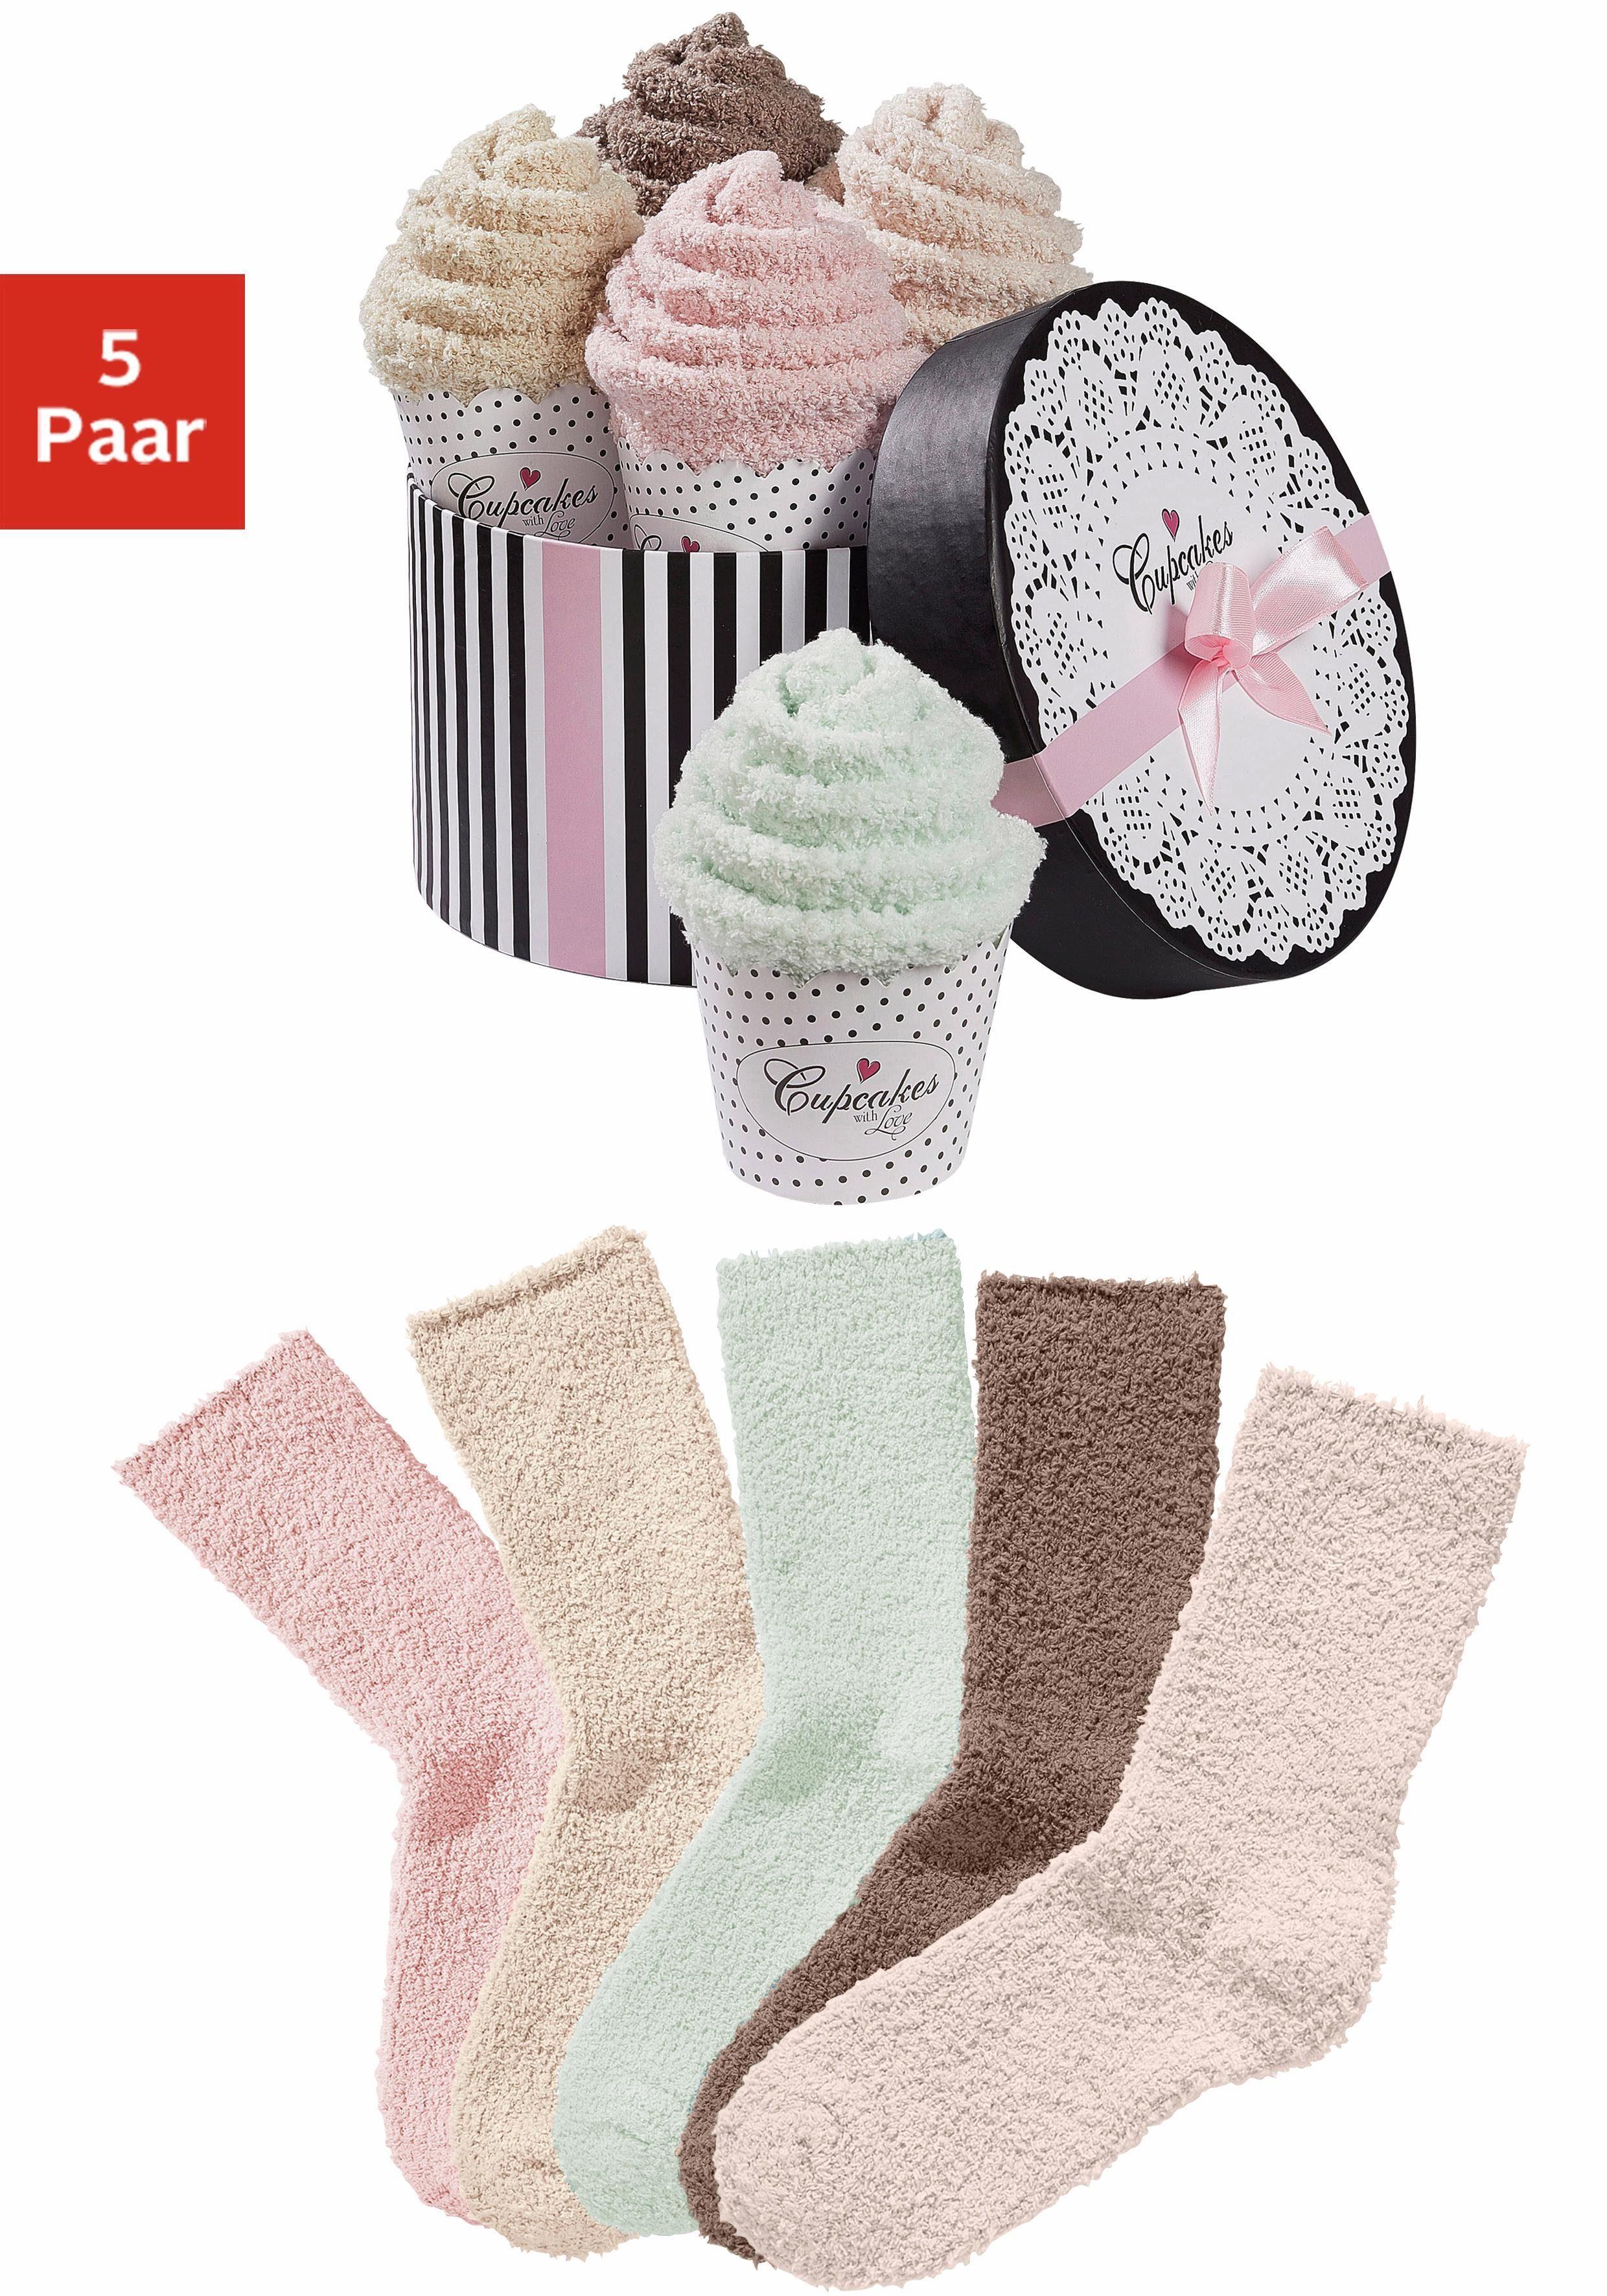 NEU!! 3 Paar Schoppersocken-Socken-GO IN-schwarz-grau-ecru /%SALE/%